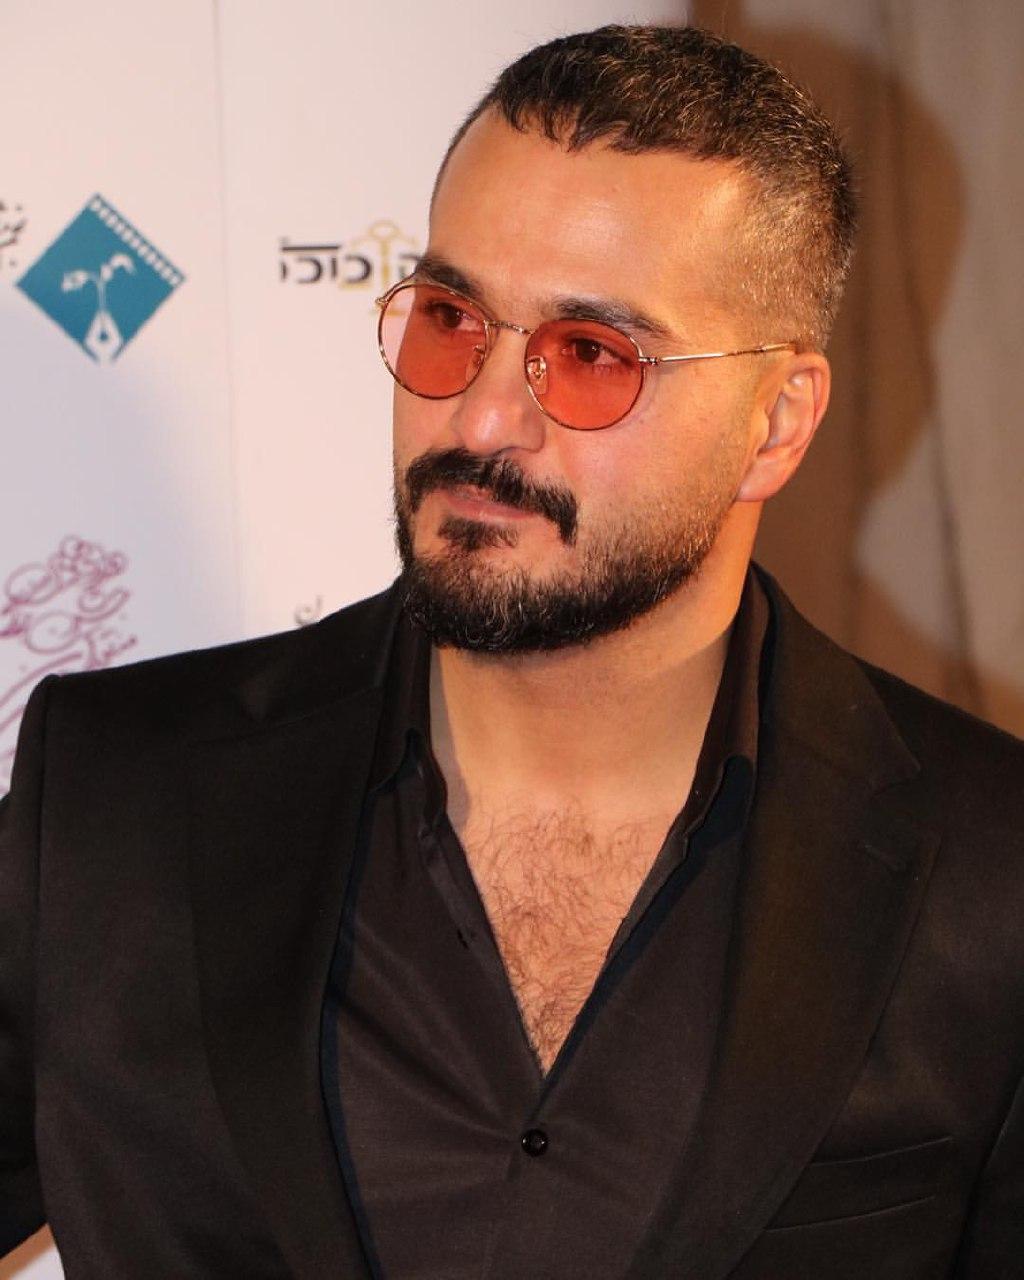 تصویری از میلاد کیمرام، بازیگر و مهمان سینما و تلویزیون در حال بازیگری سر صحنه یکی از آثارش